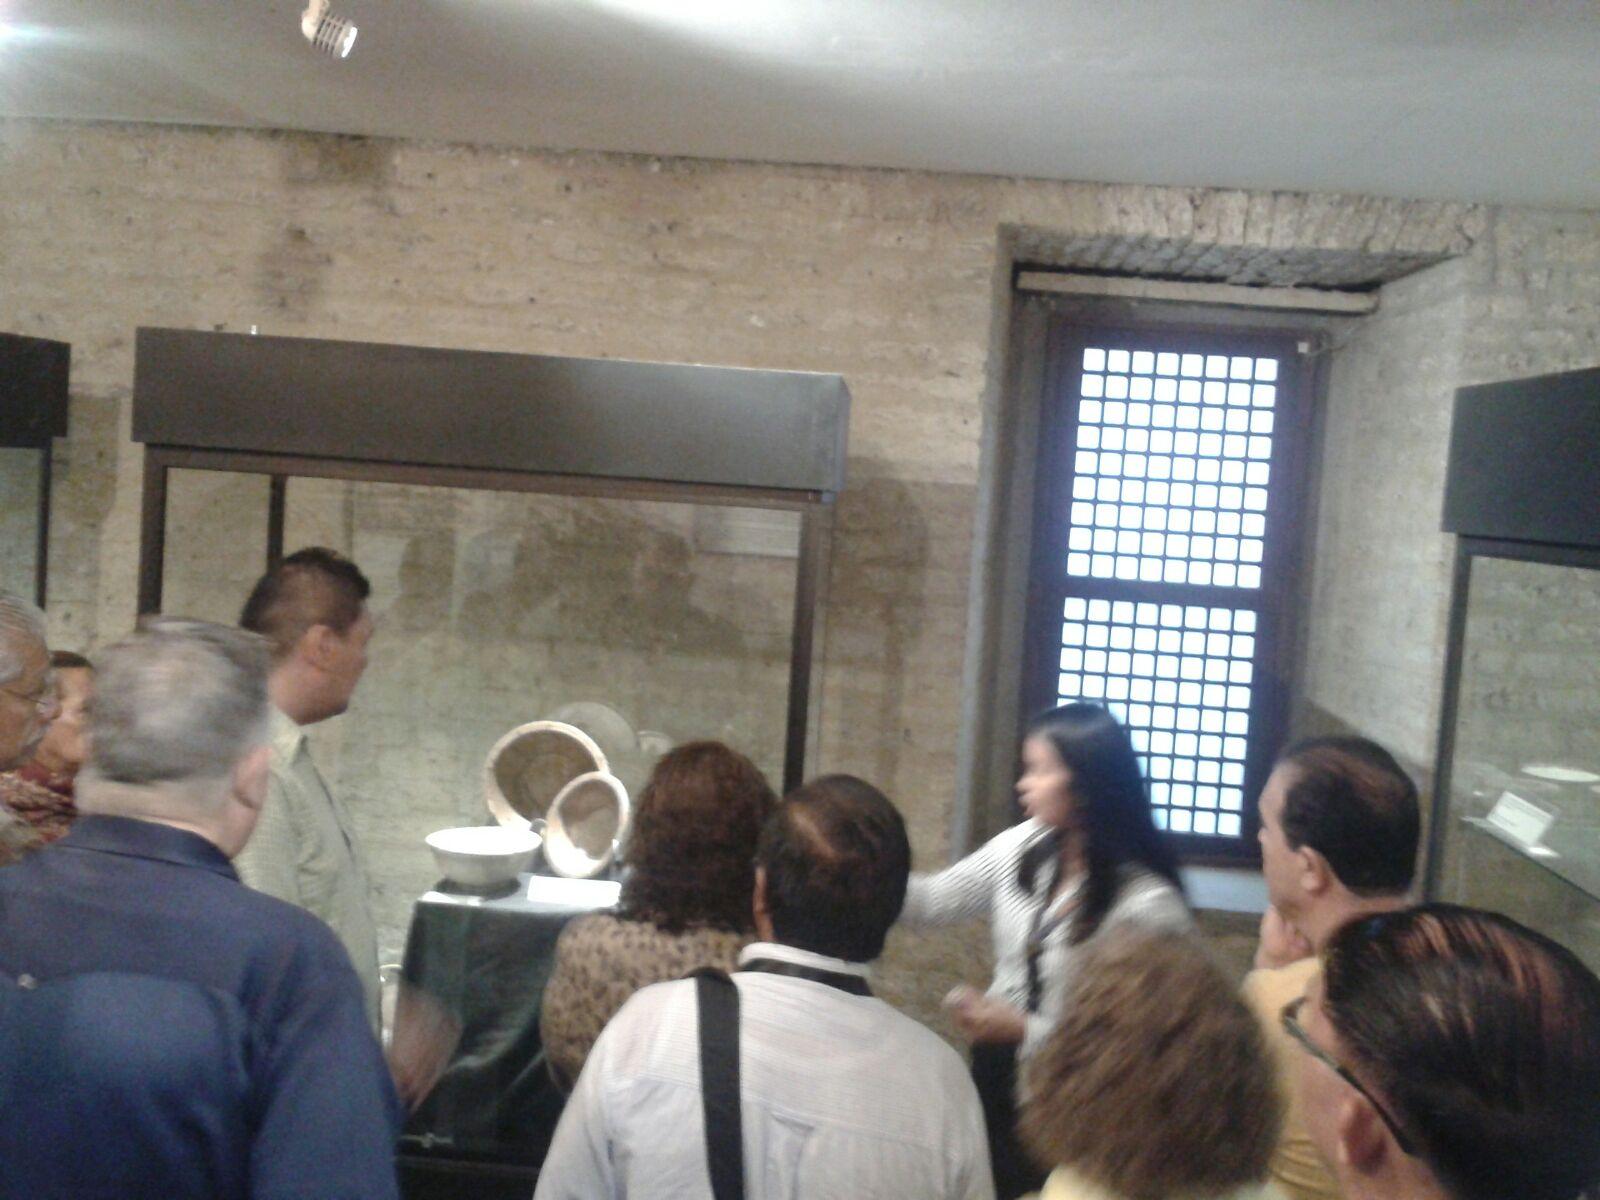 Visita al museo de cebu